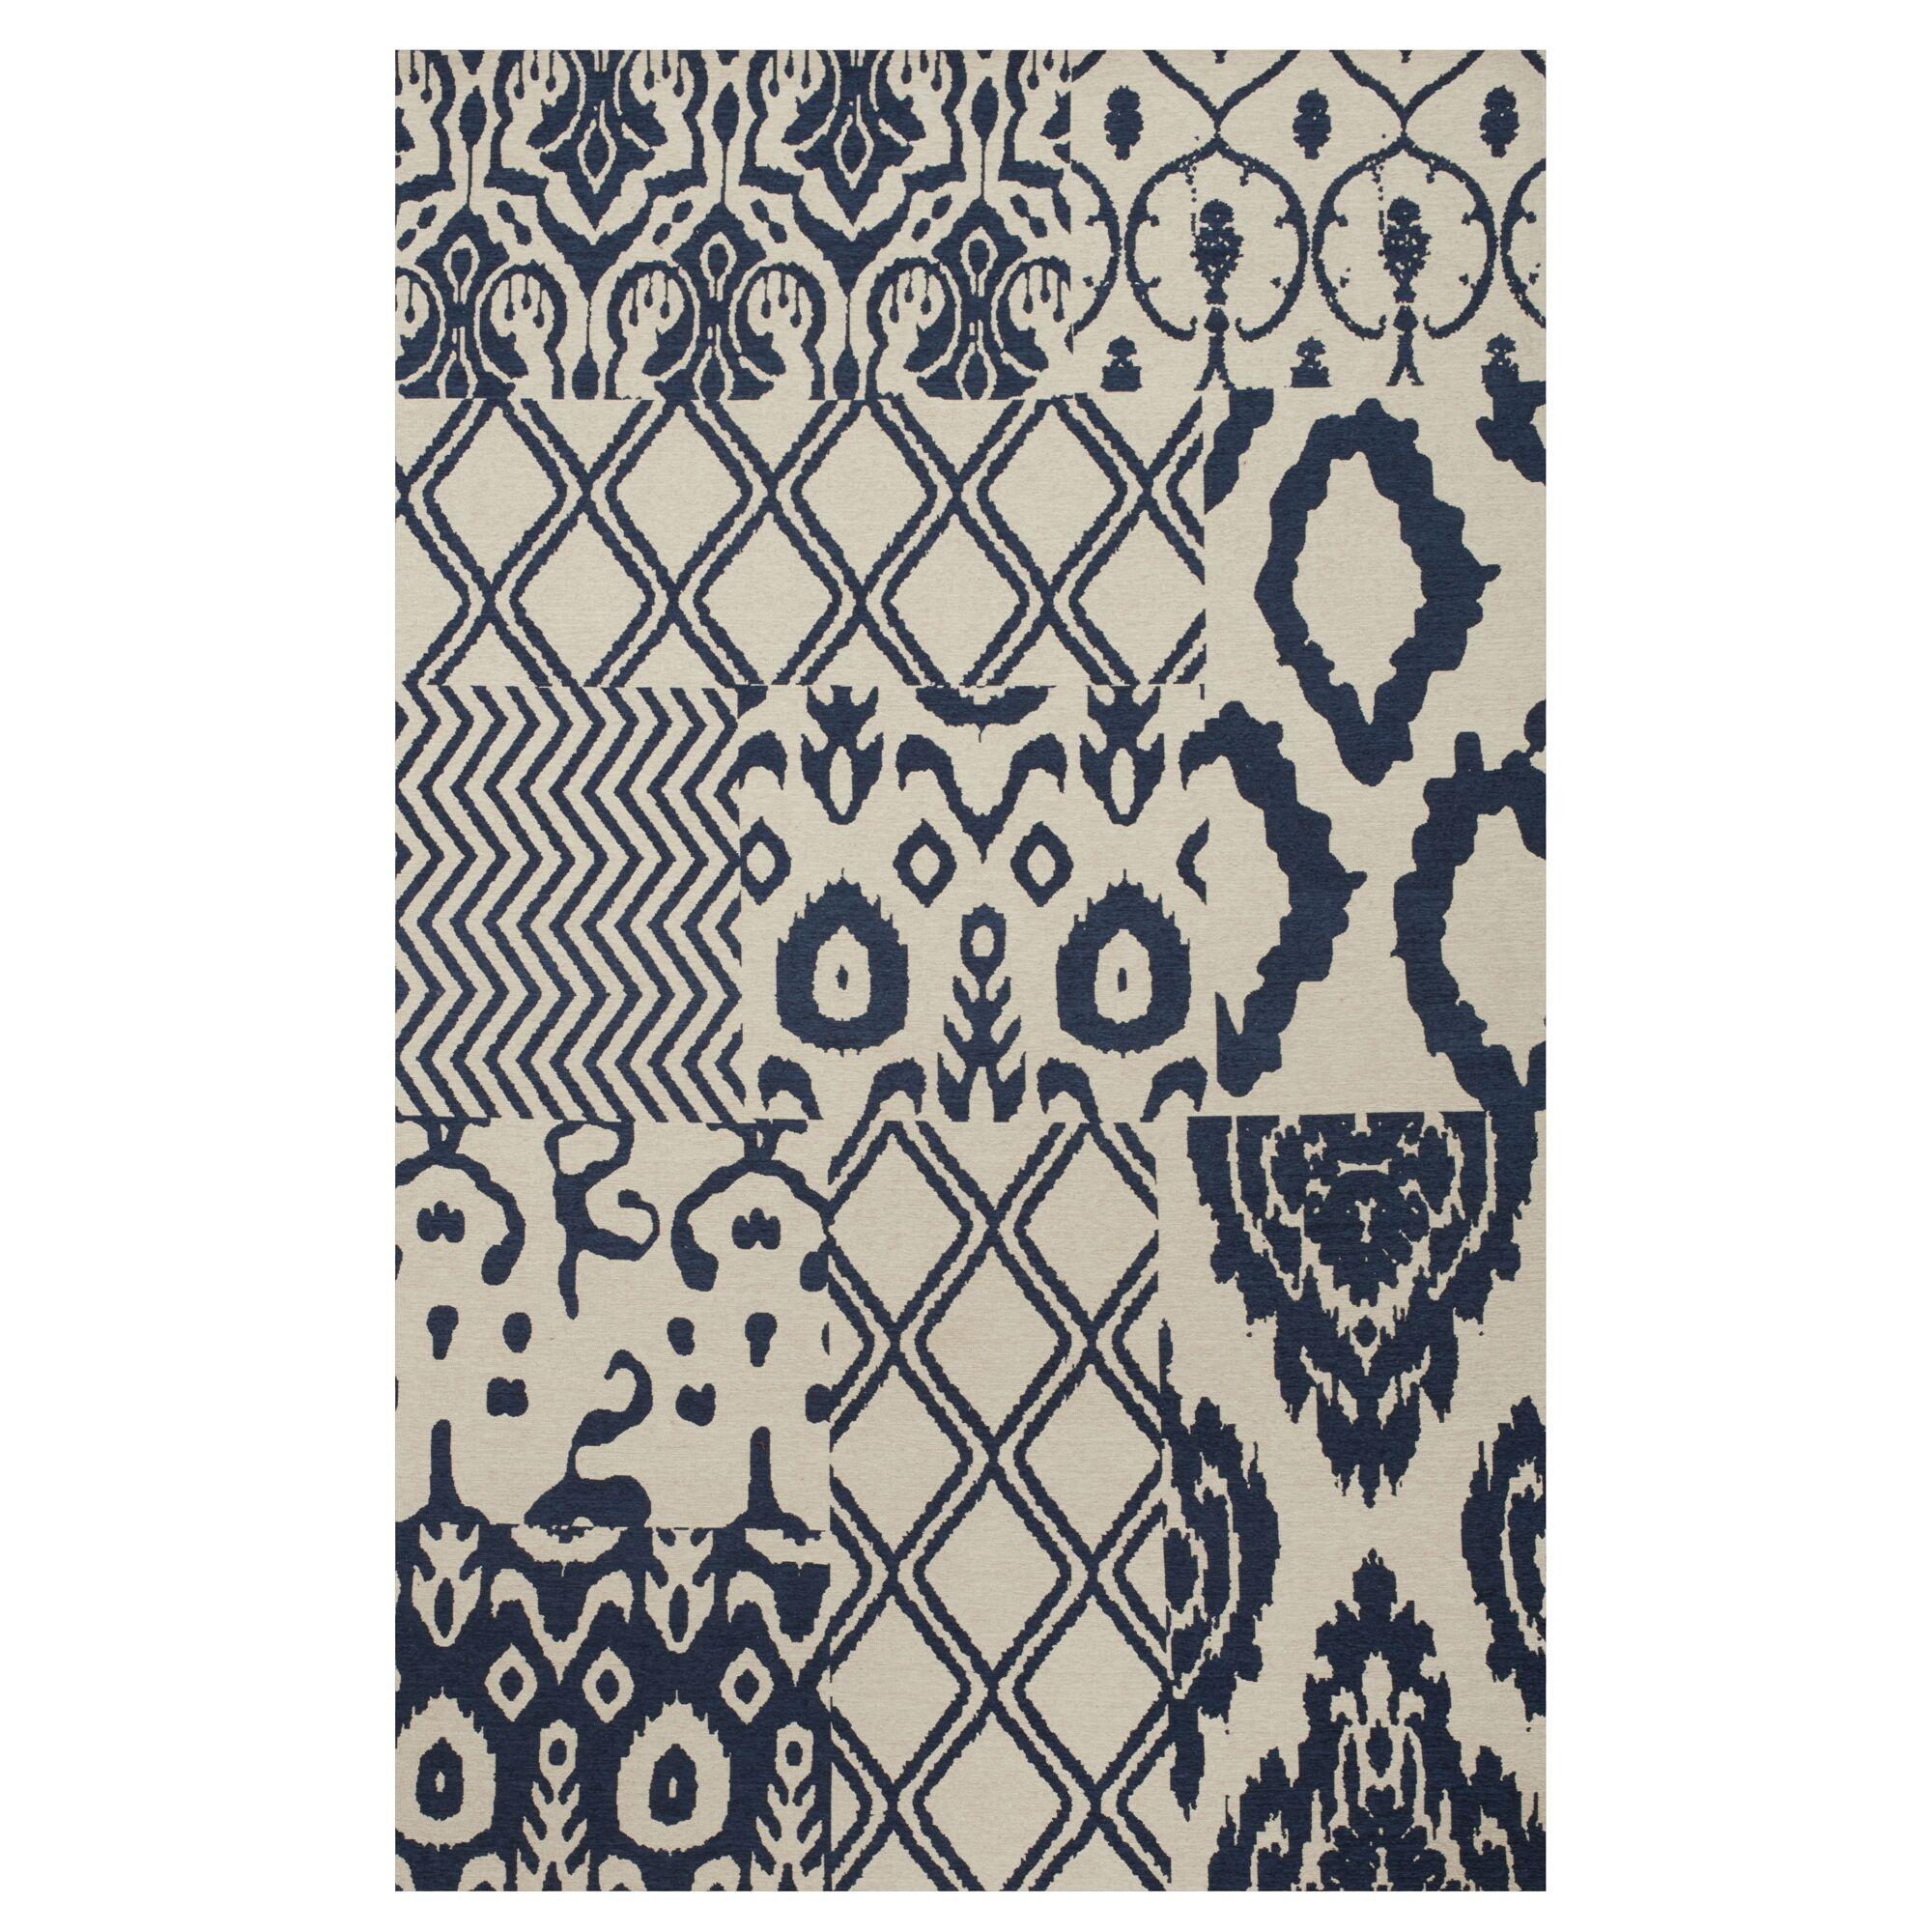 Hinton Indigo Patchwork Hand-Woven Blue Area Rug Rug Size: Rectangle 8' x 10'